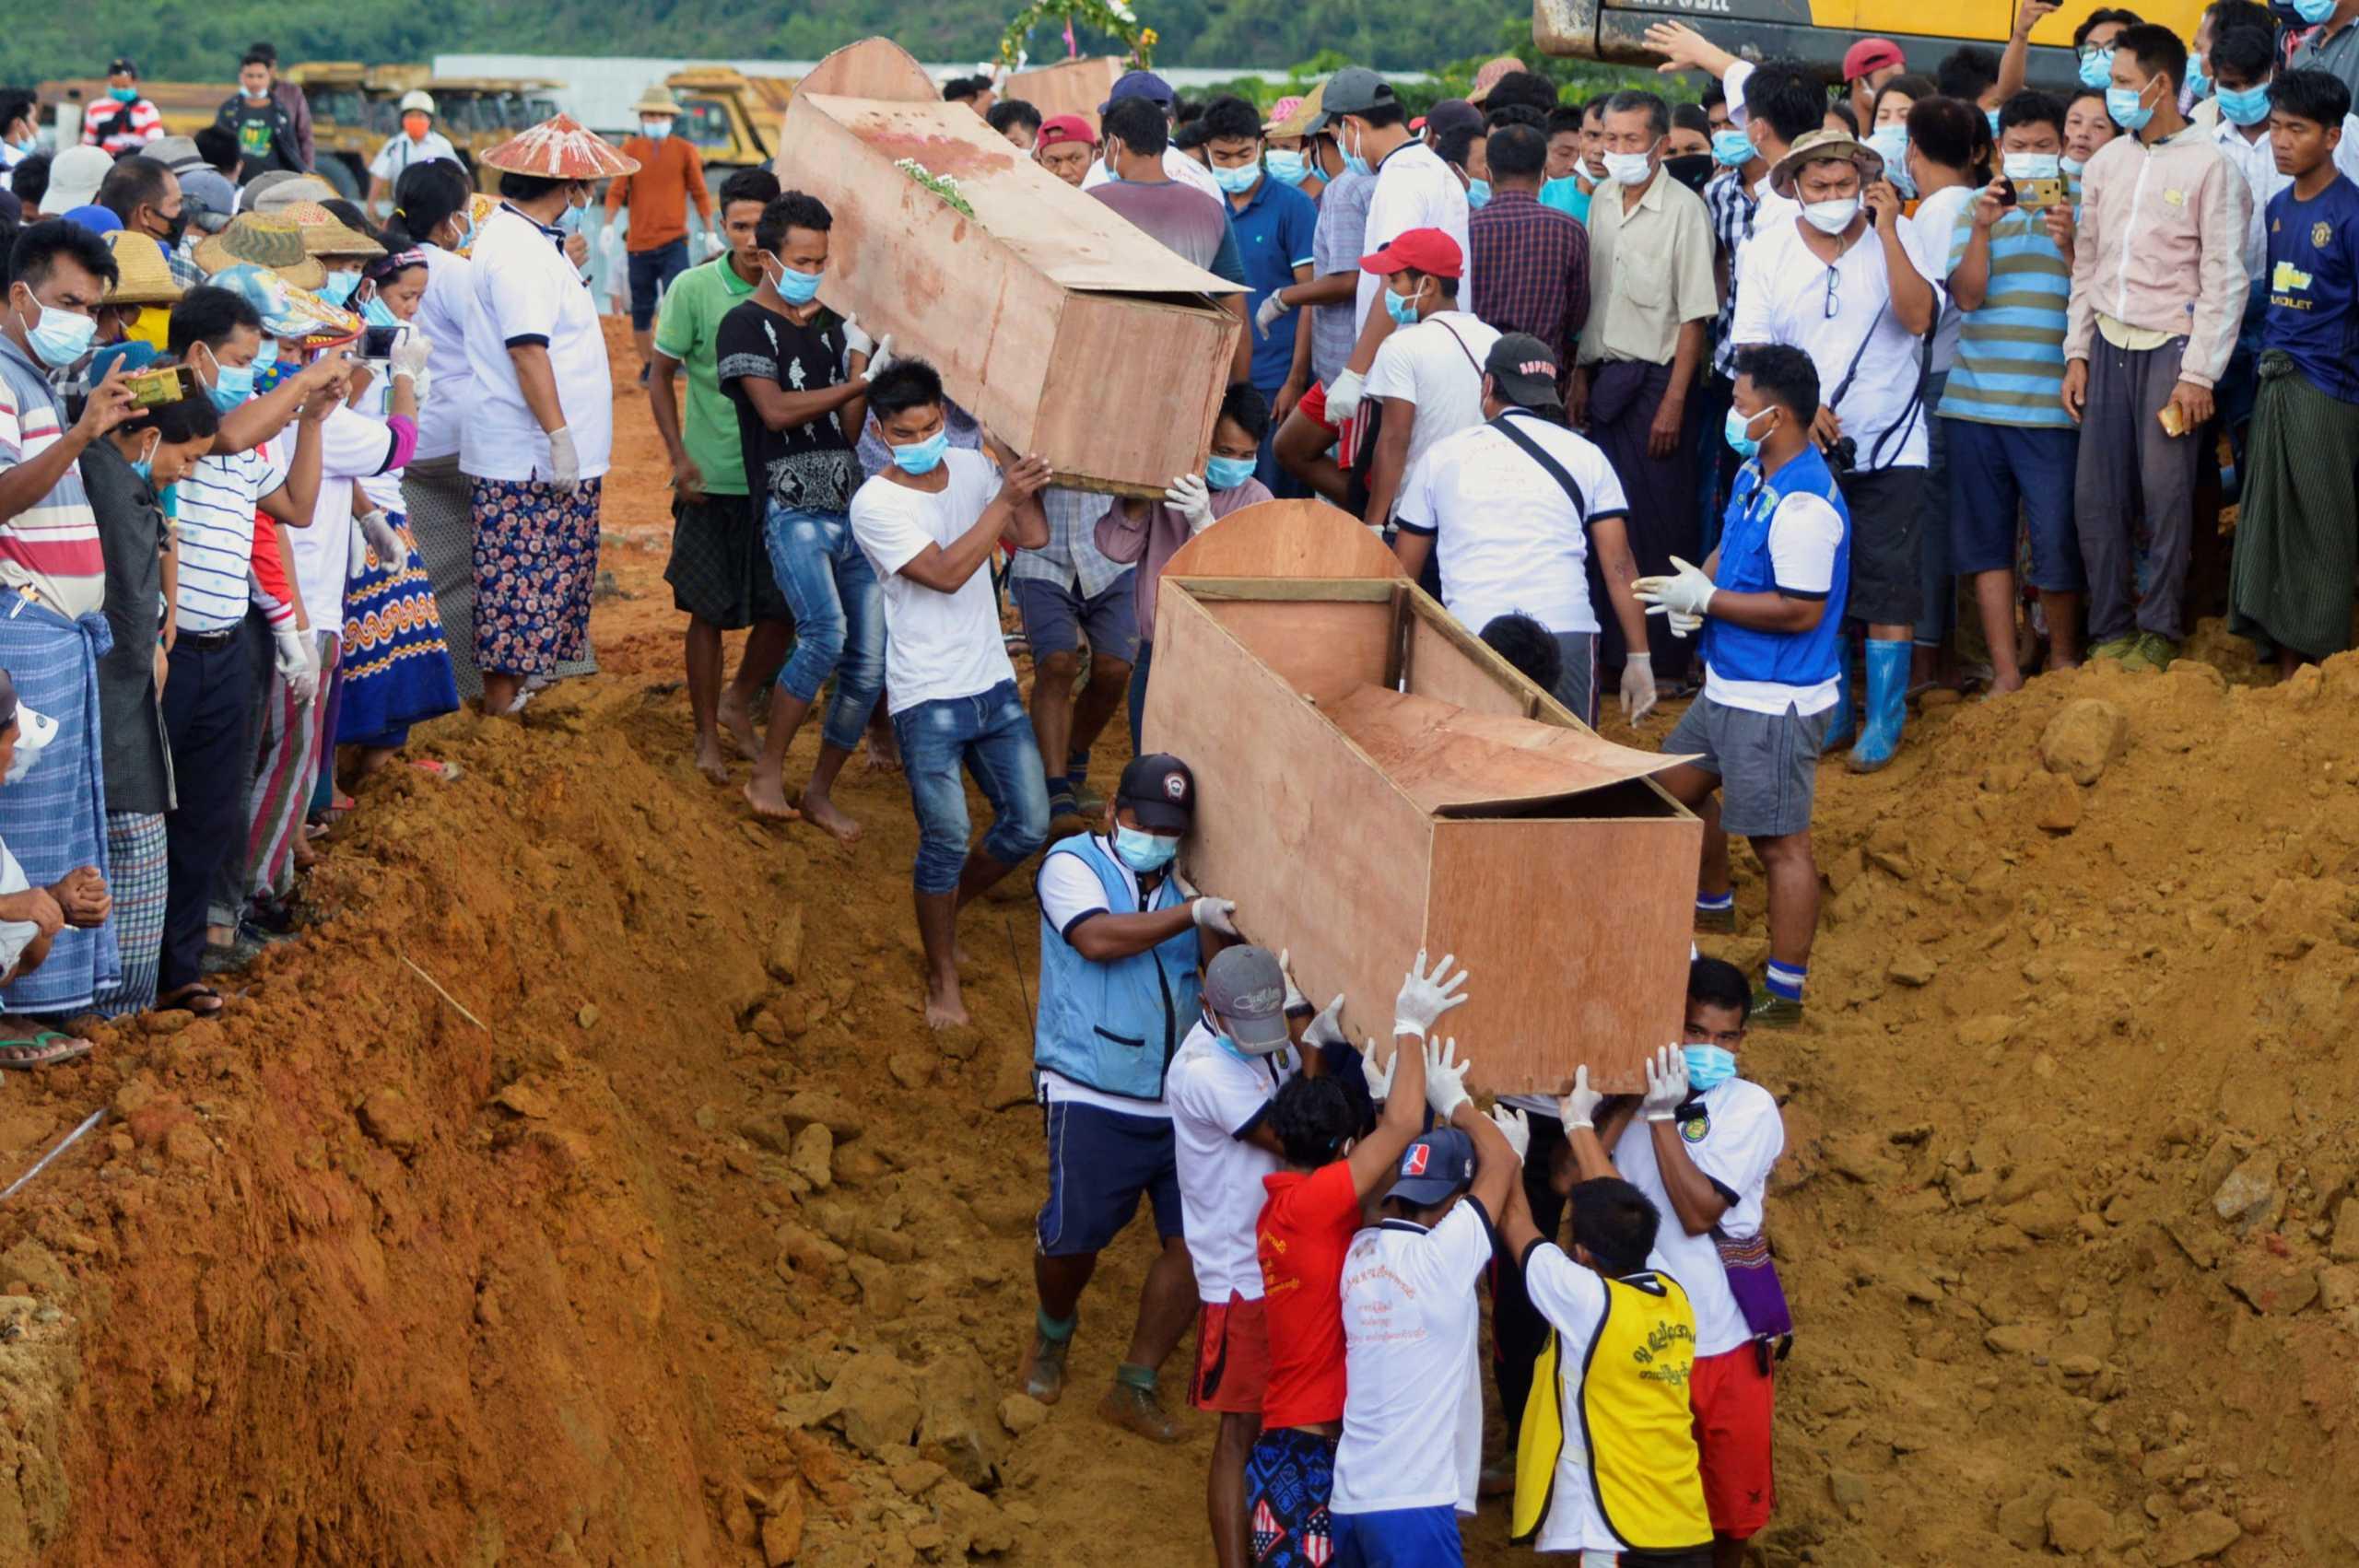 Μιανμάρ: Γεμάτο πτώματα το ορυχείο που κατέρρευσε! 170 έχουν ανασυρθεί έως τώρα (pics, video)